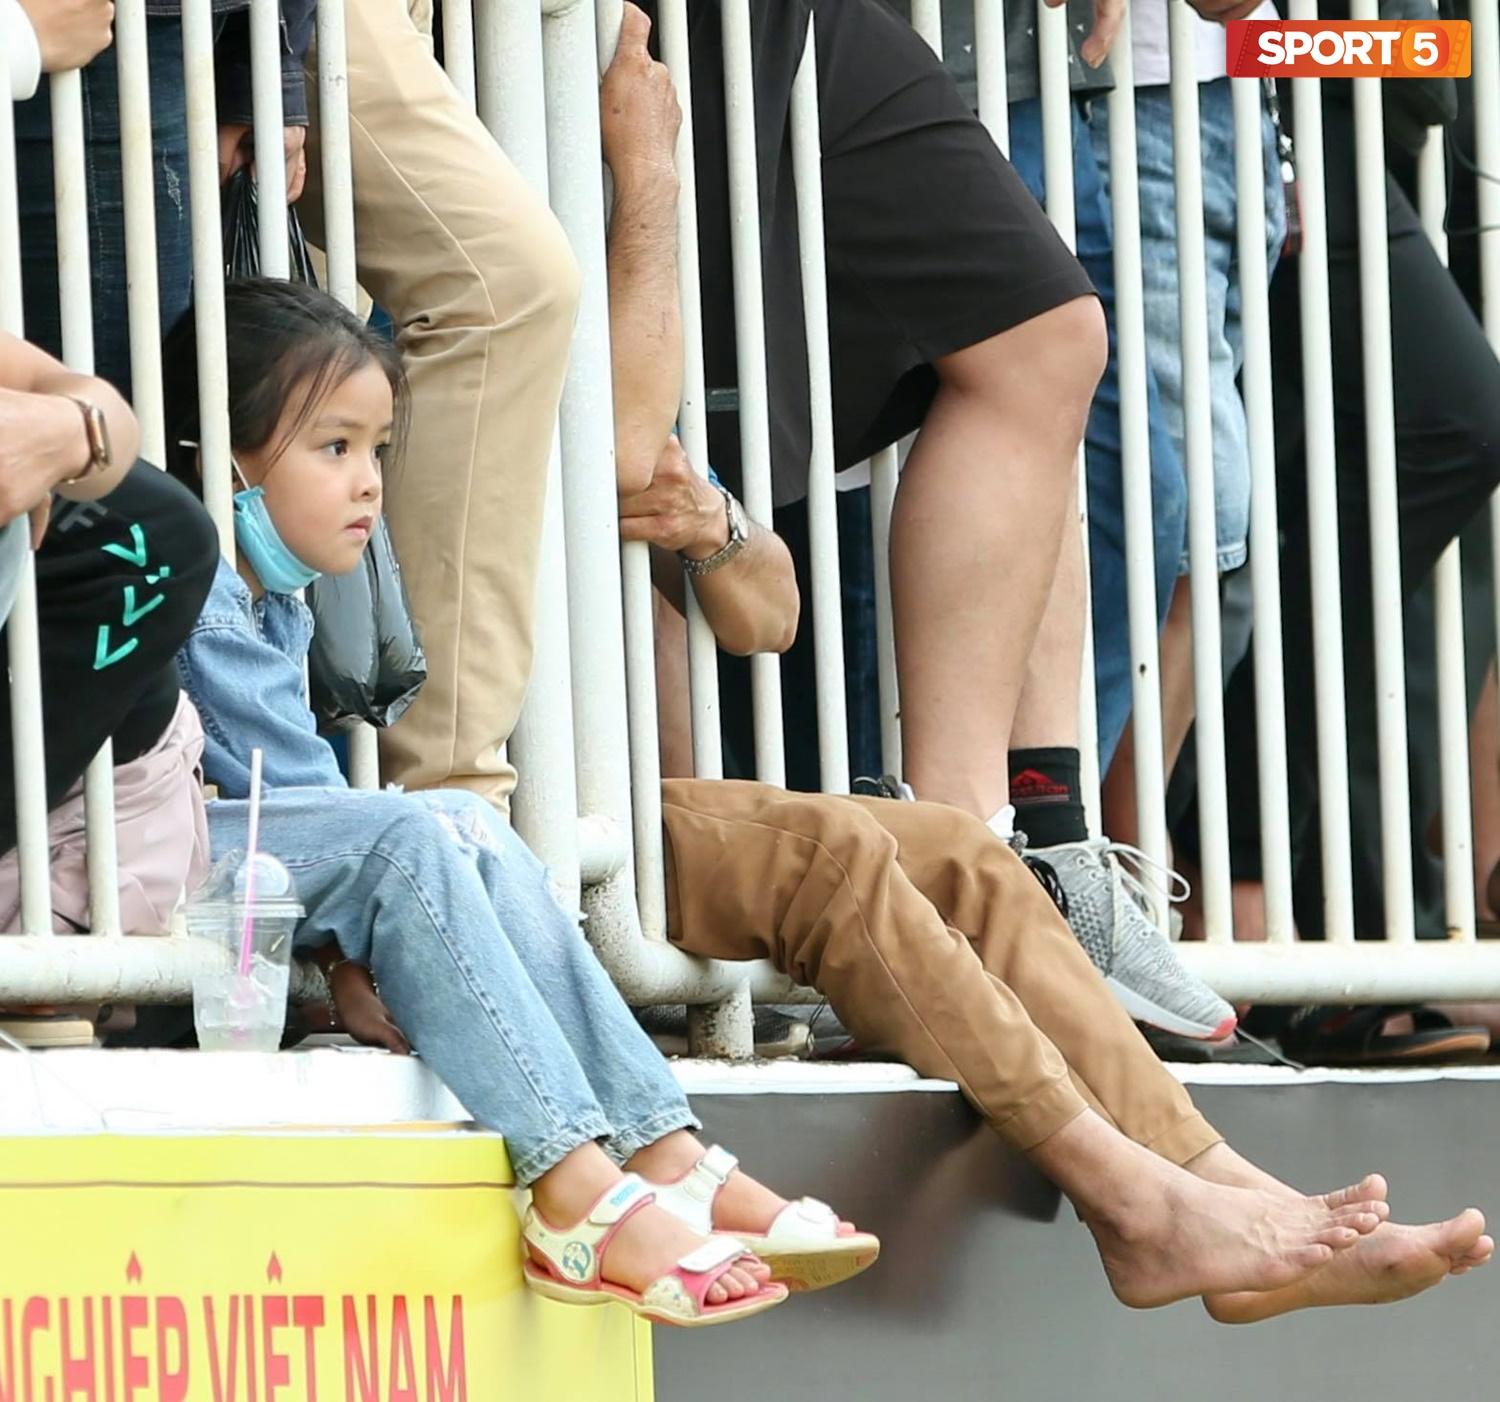 Fan phải ngồi đất, đứng chen chúc hàng loạt vì không có ghế ngồi xem trận HAGL và Hà Nội FC - ảnh 4